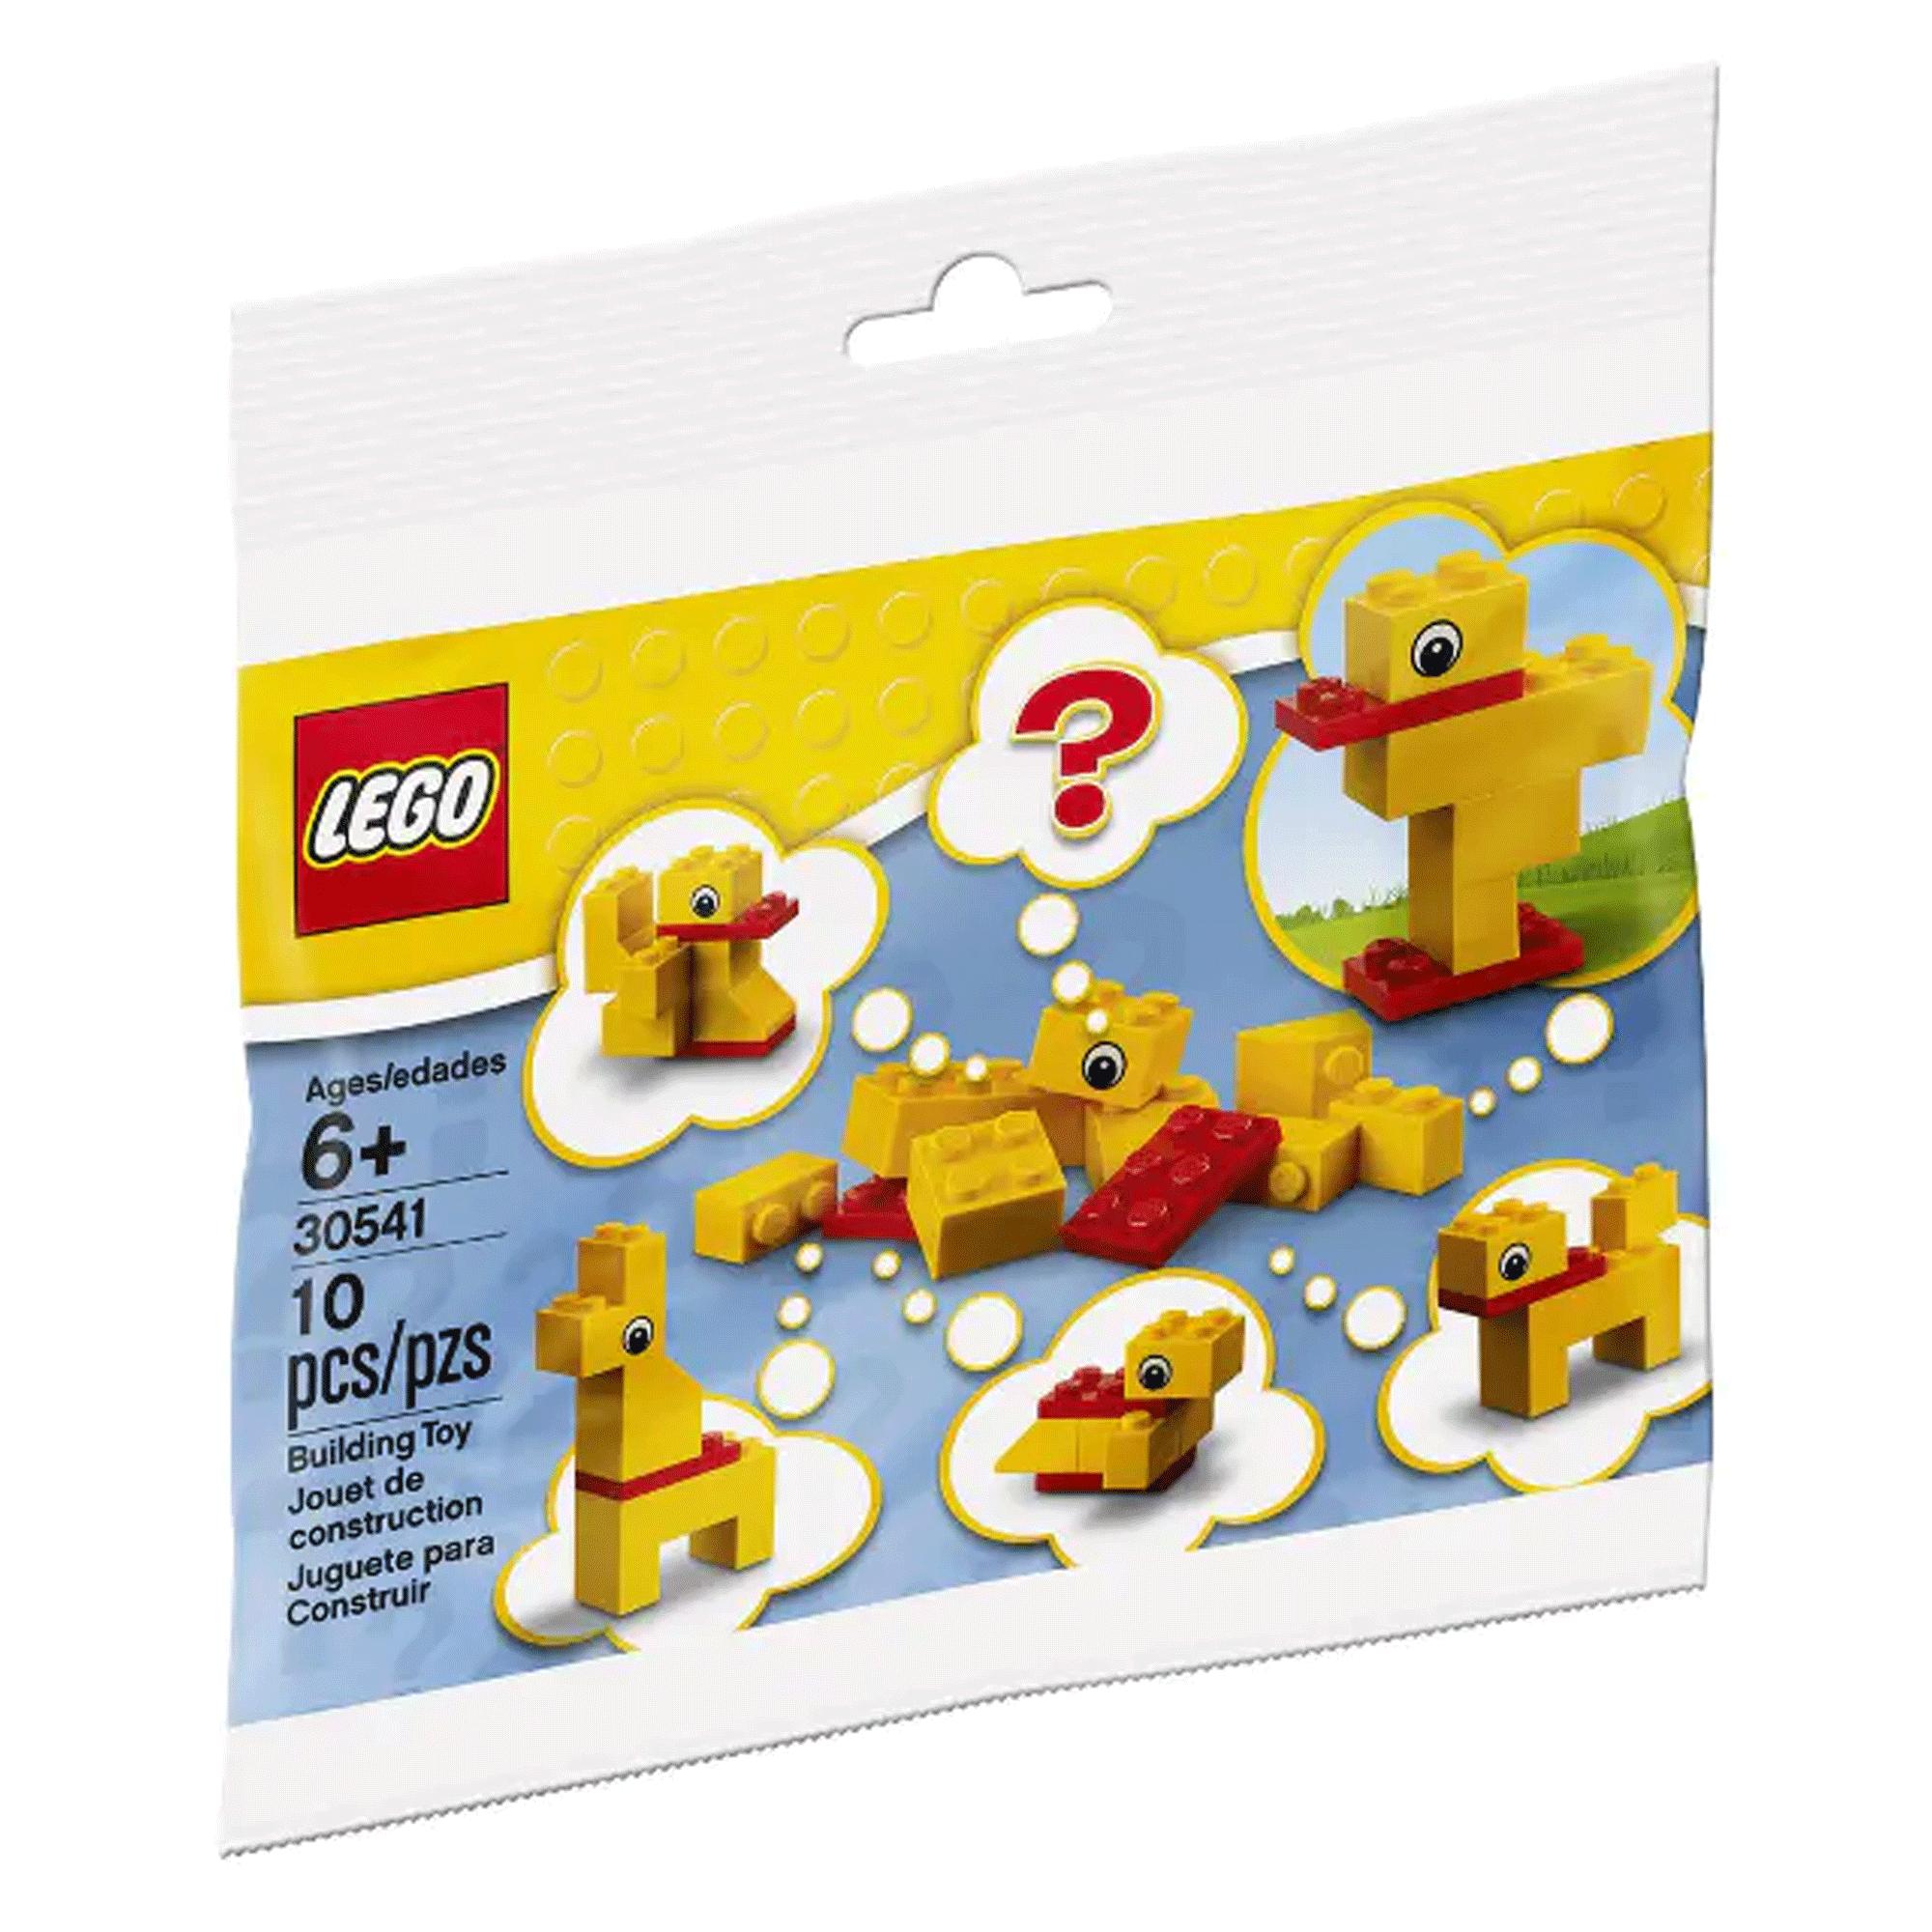 LEGO 乐高 拼砌包 30541 动物自由拼